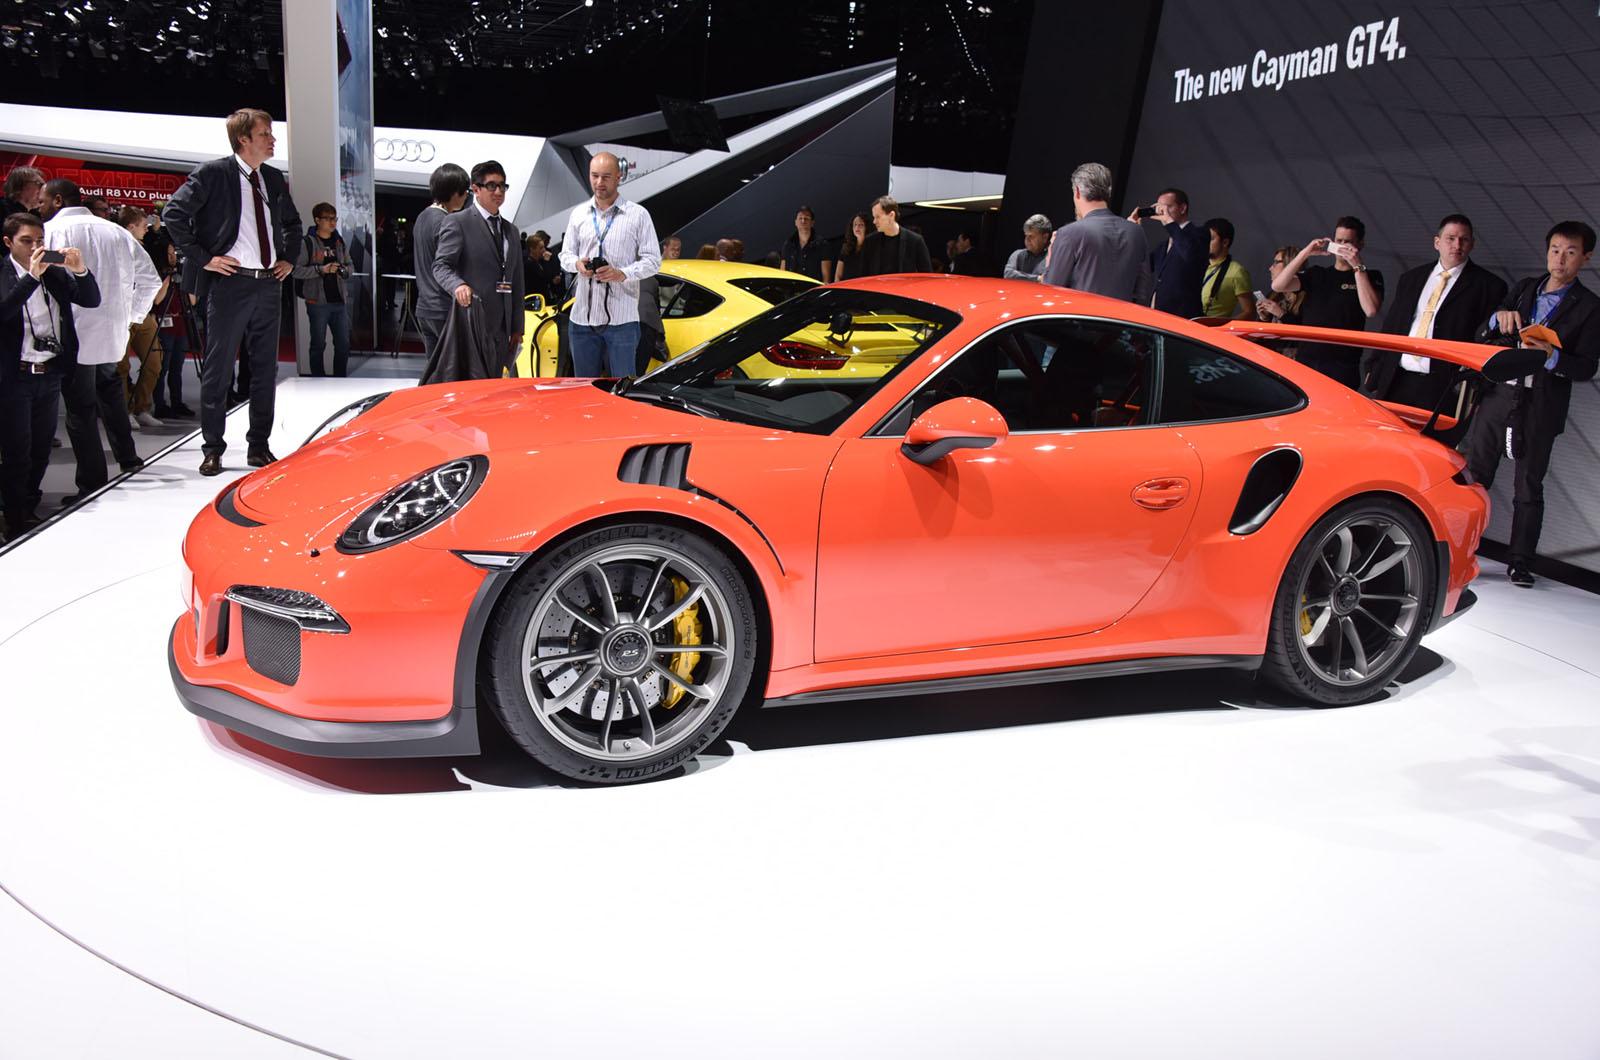 Porsche 911 gt3 rs review 2017 autocar - Porsche 911 Gt3 Rs Review 2017 Autocar 21